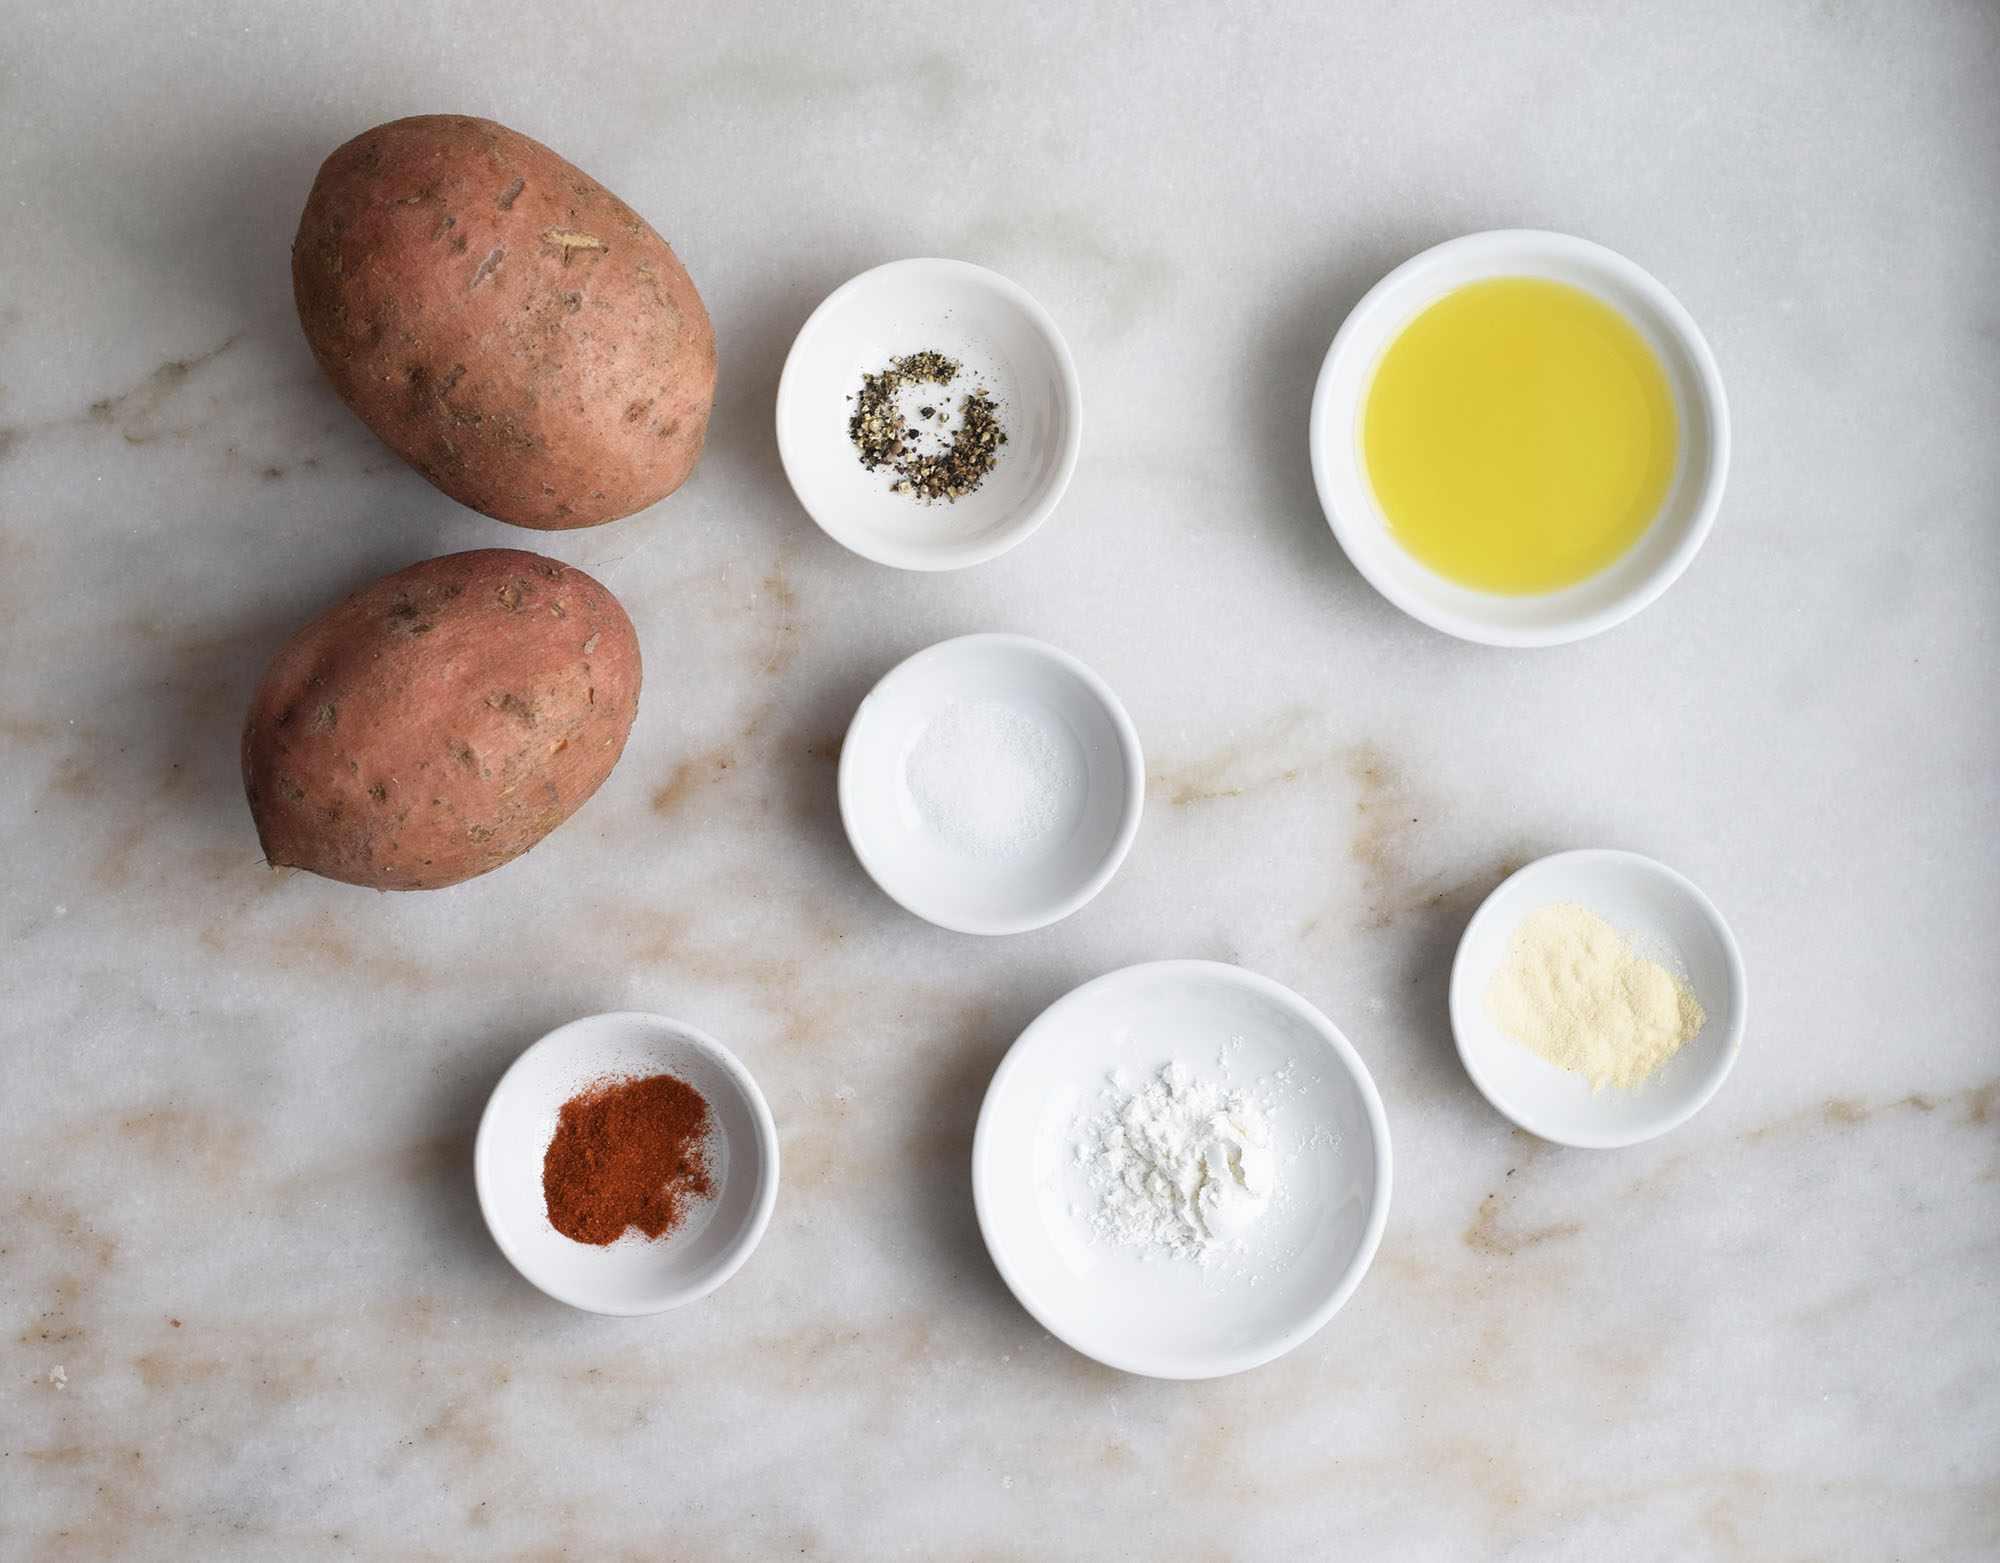 Ingredients for air fryer sweet potatoes